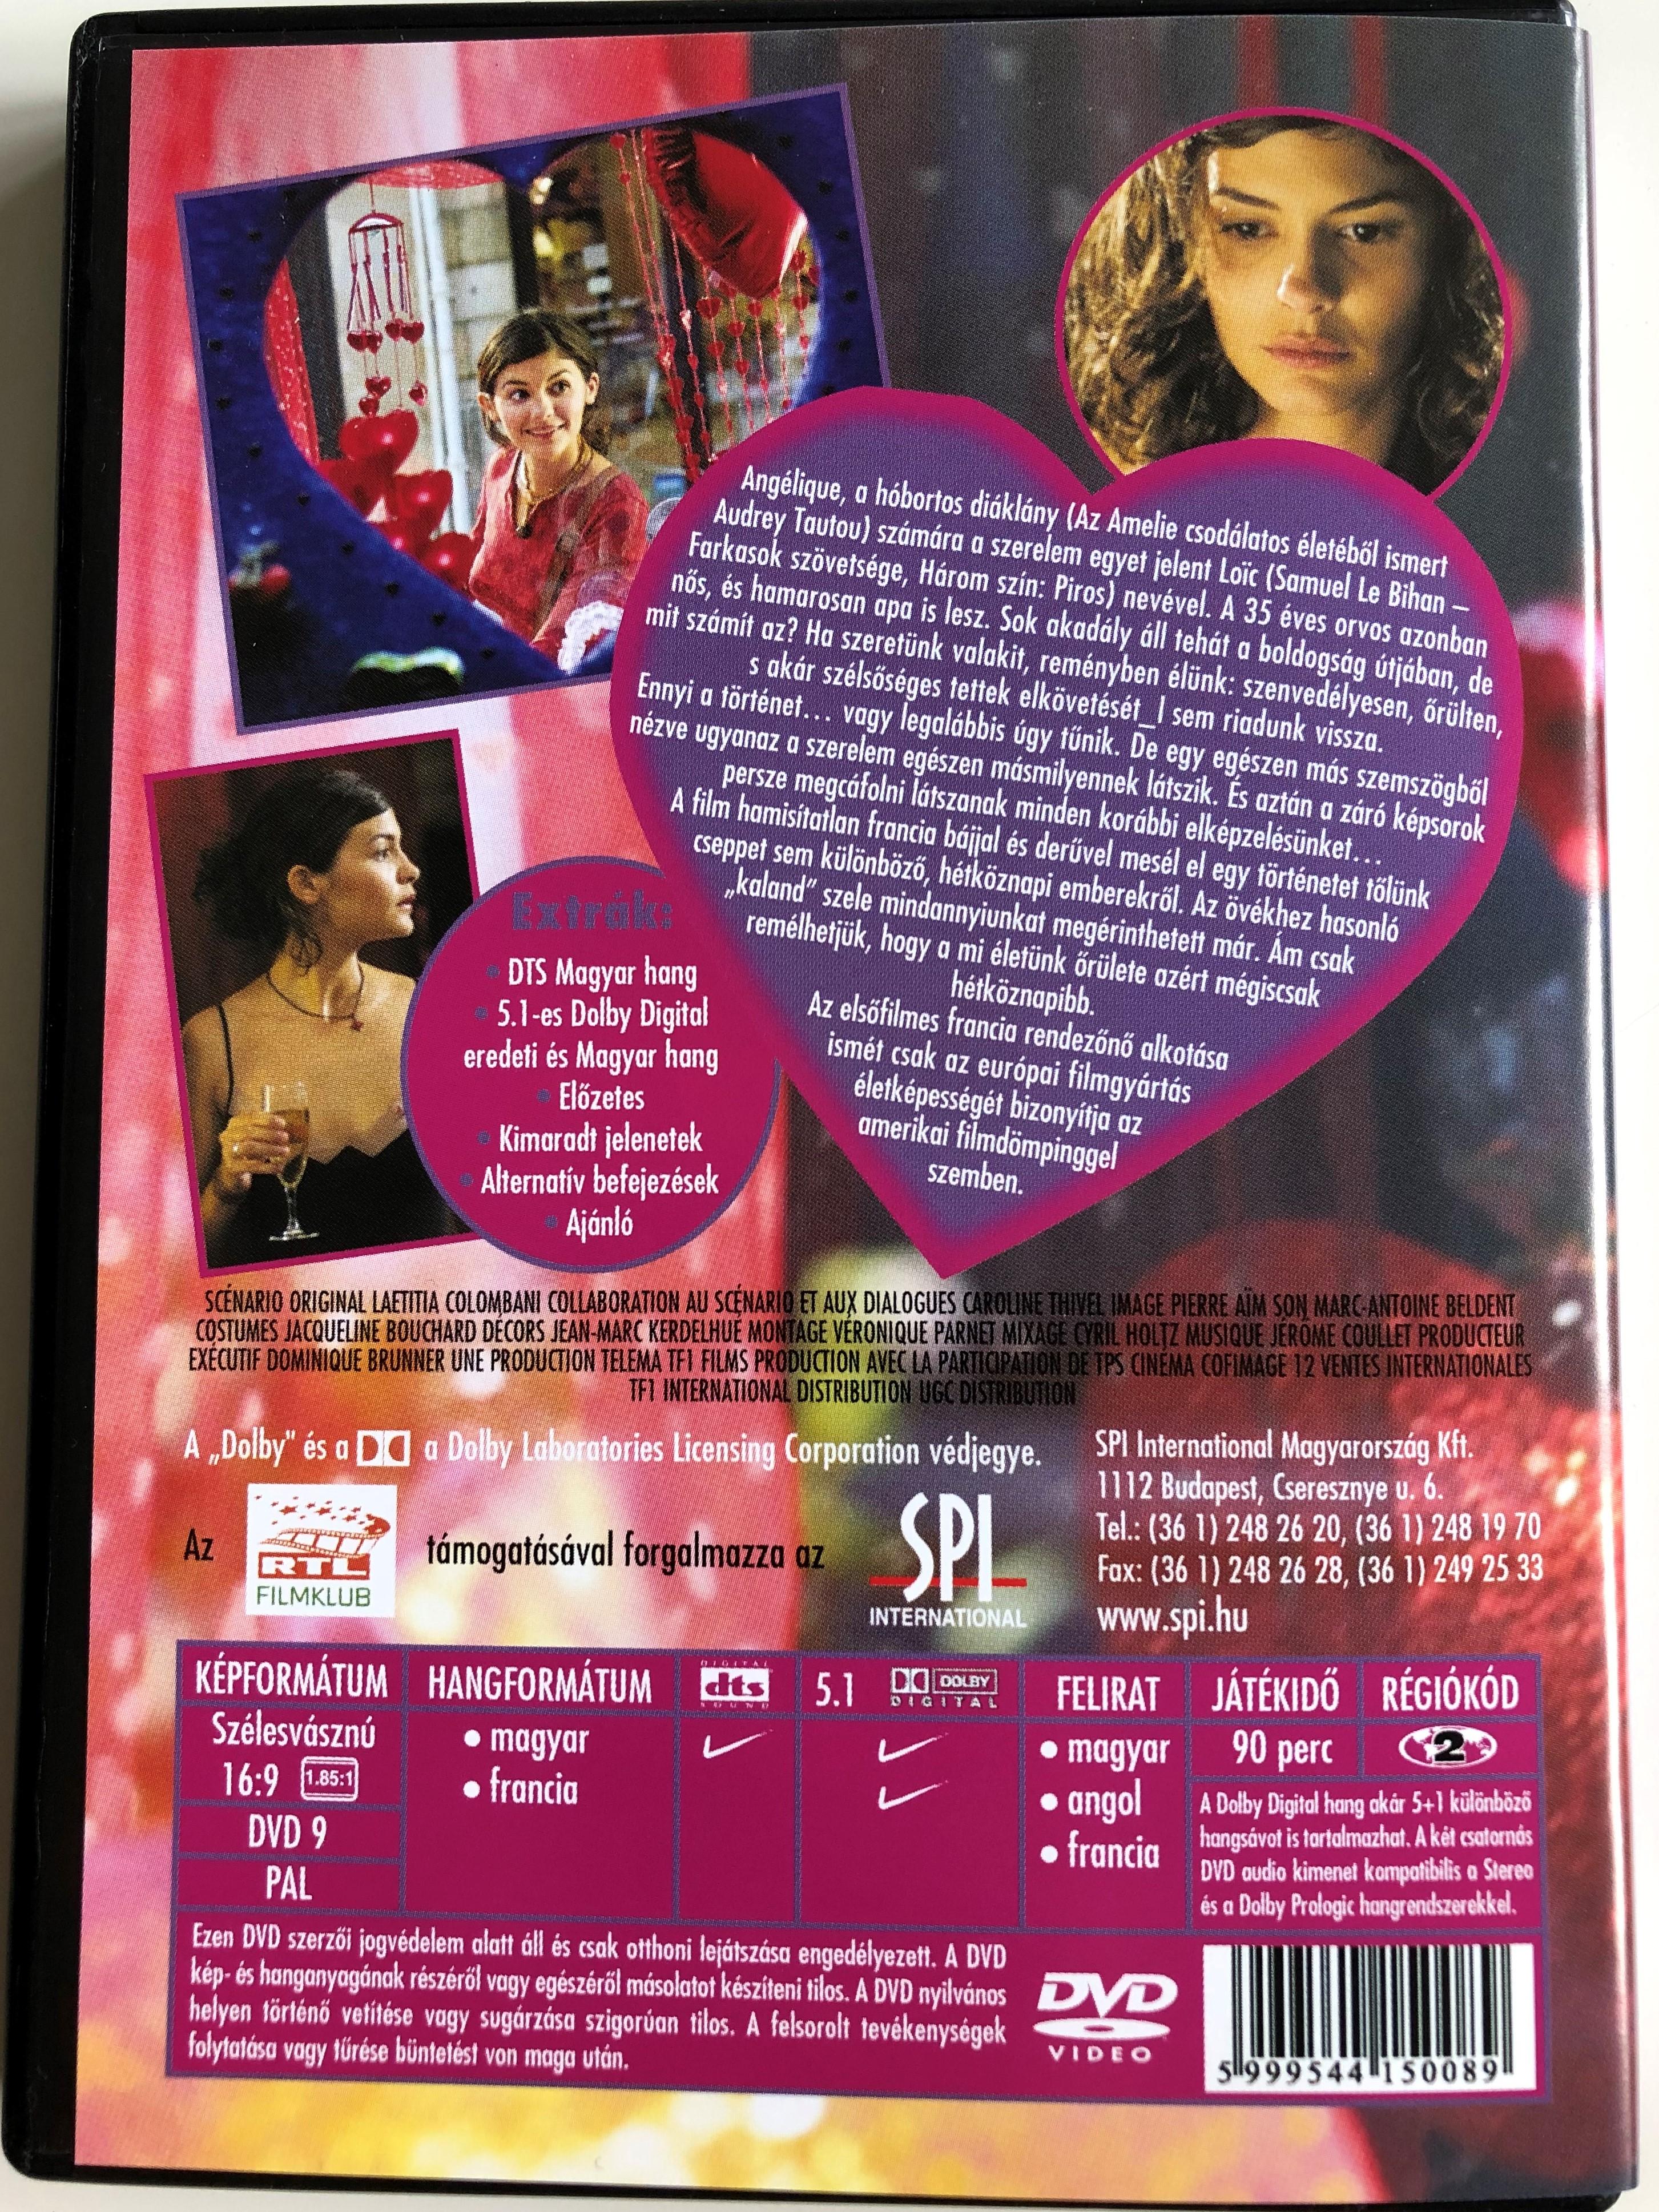 a-la-folie...-pas-du-tout-dvd-2002-szeretni-bolondul-sig-directed-by-l-titia-colombani-starring-audrey-tautou-samuel-le-bihan-2-.jpg